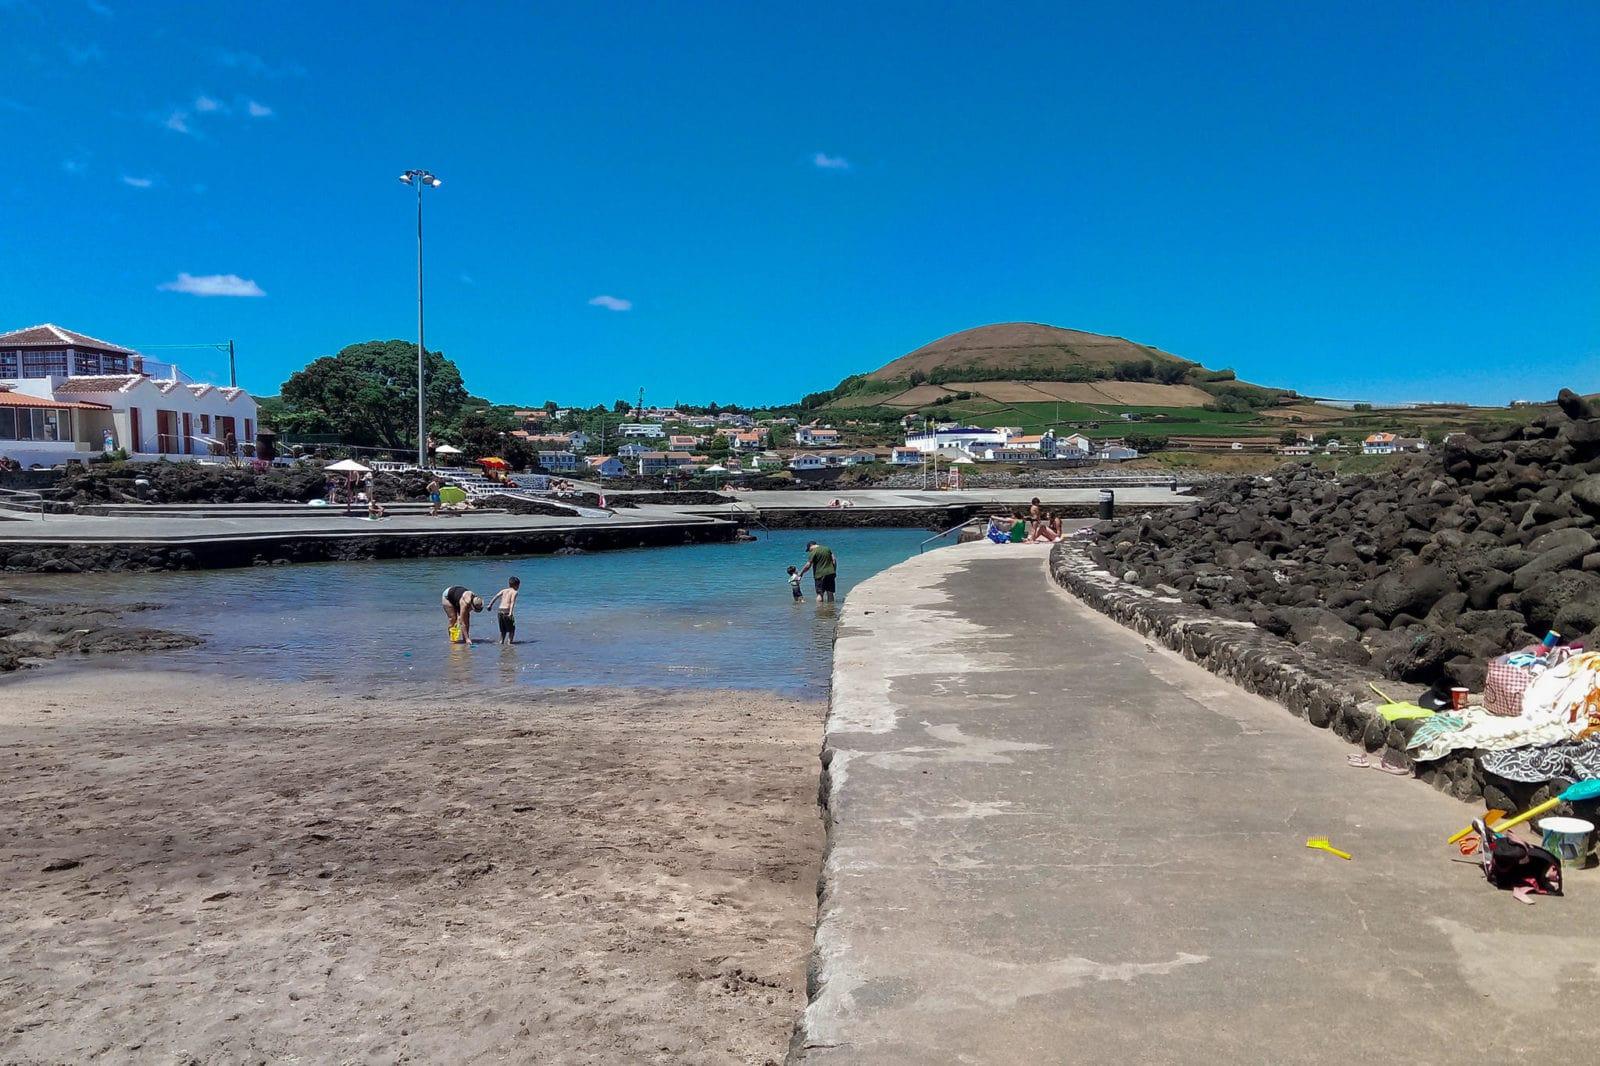 Маленький песчаный пляж (фото: Paulo Santos)